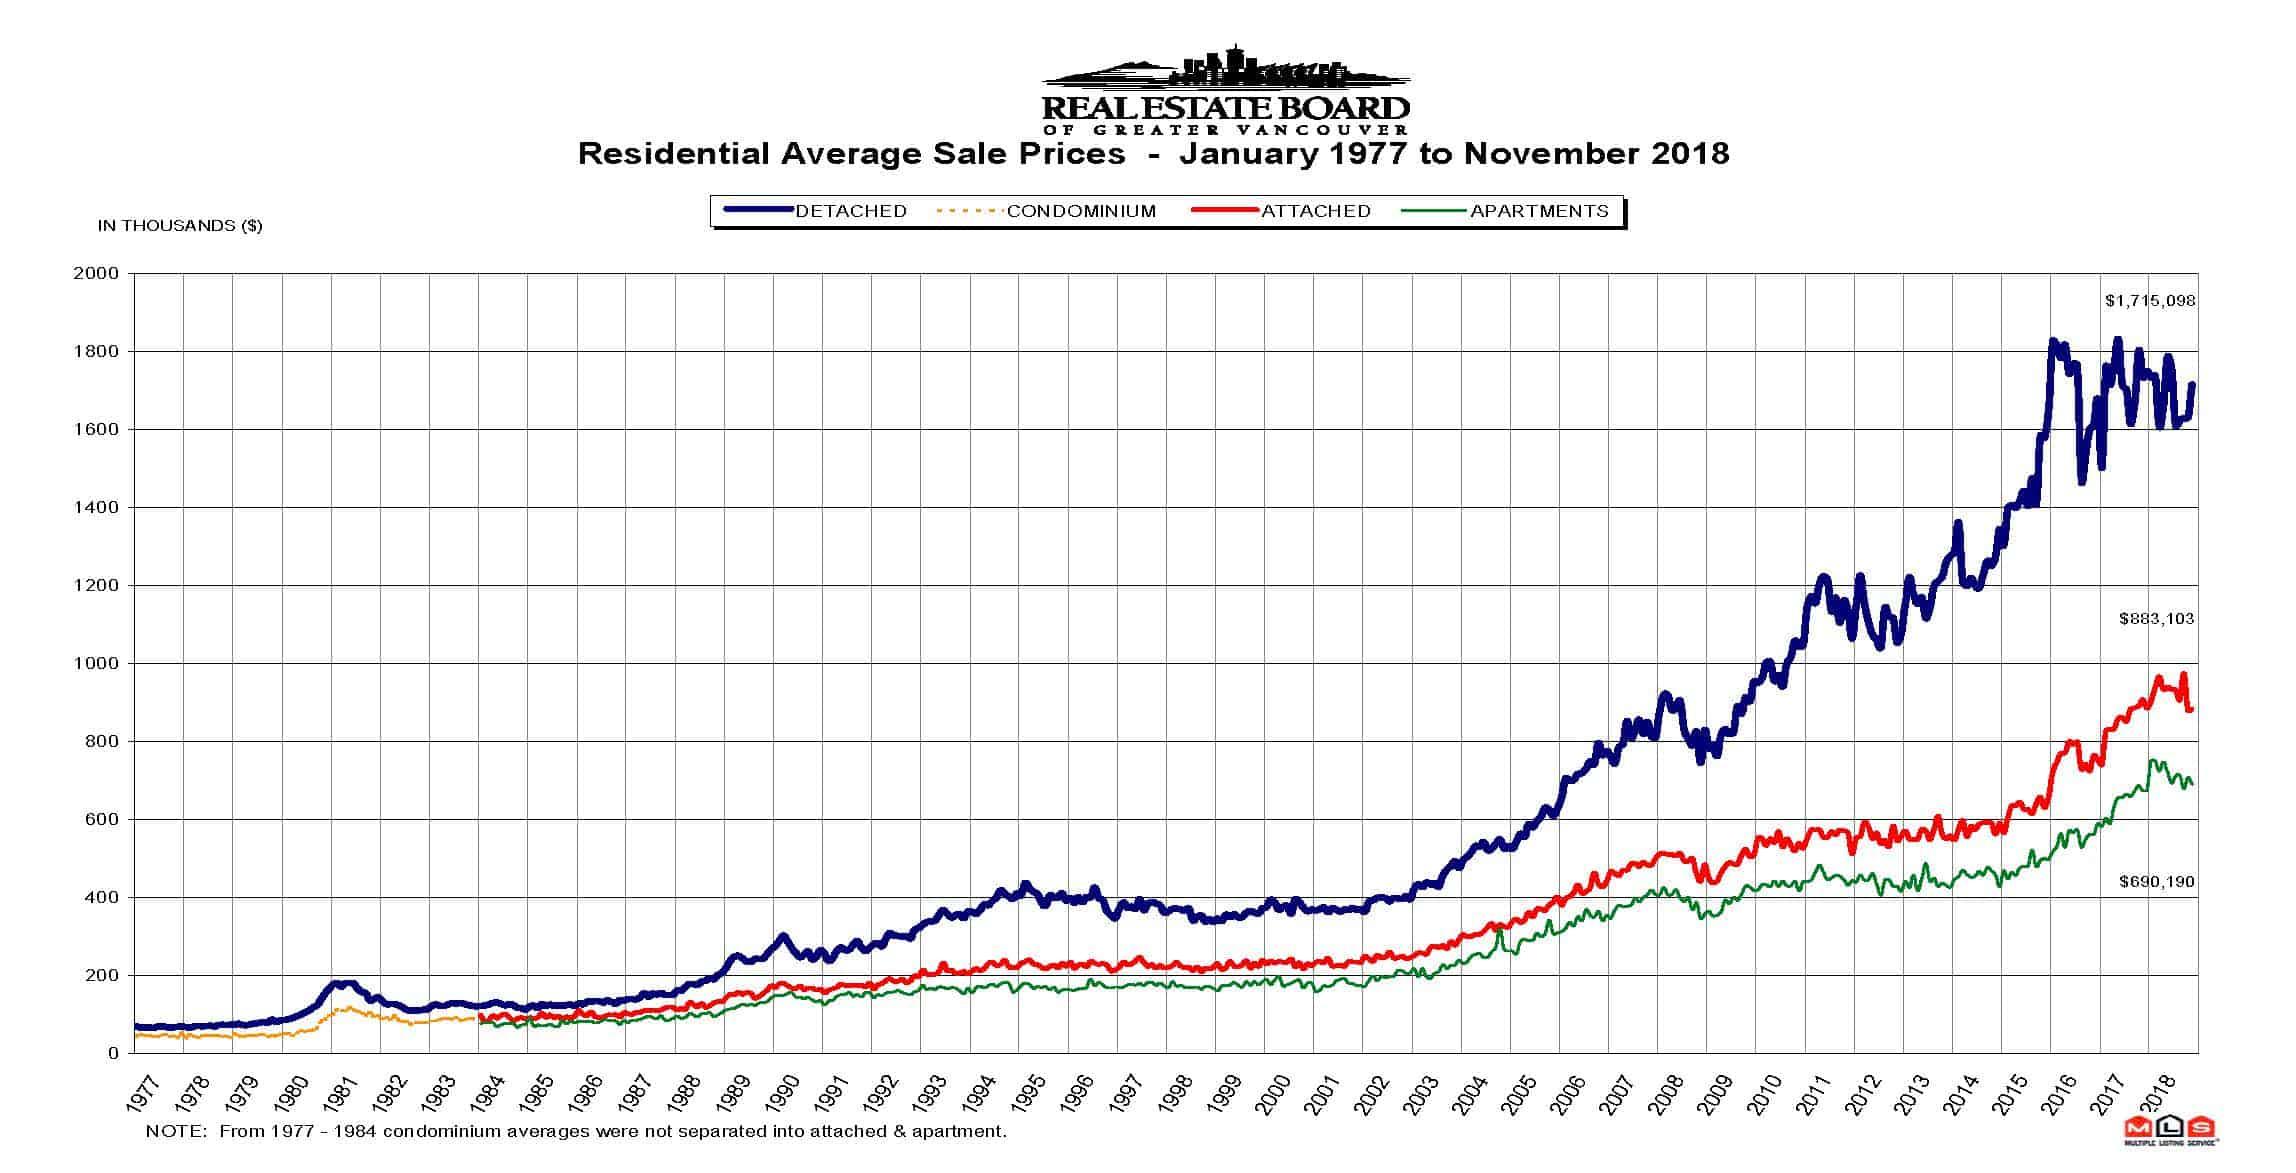 Residential Average Sales Price November 2018